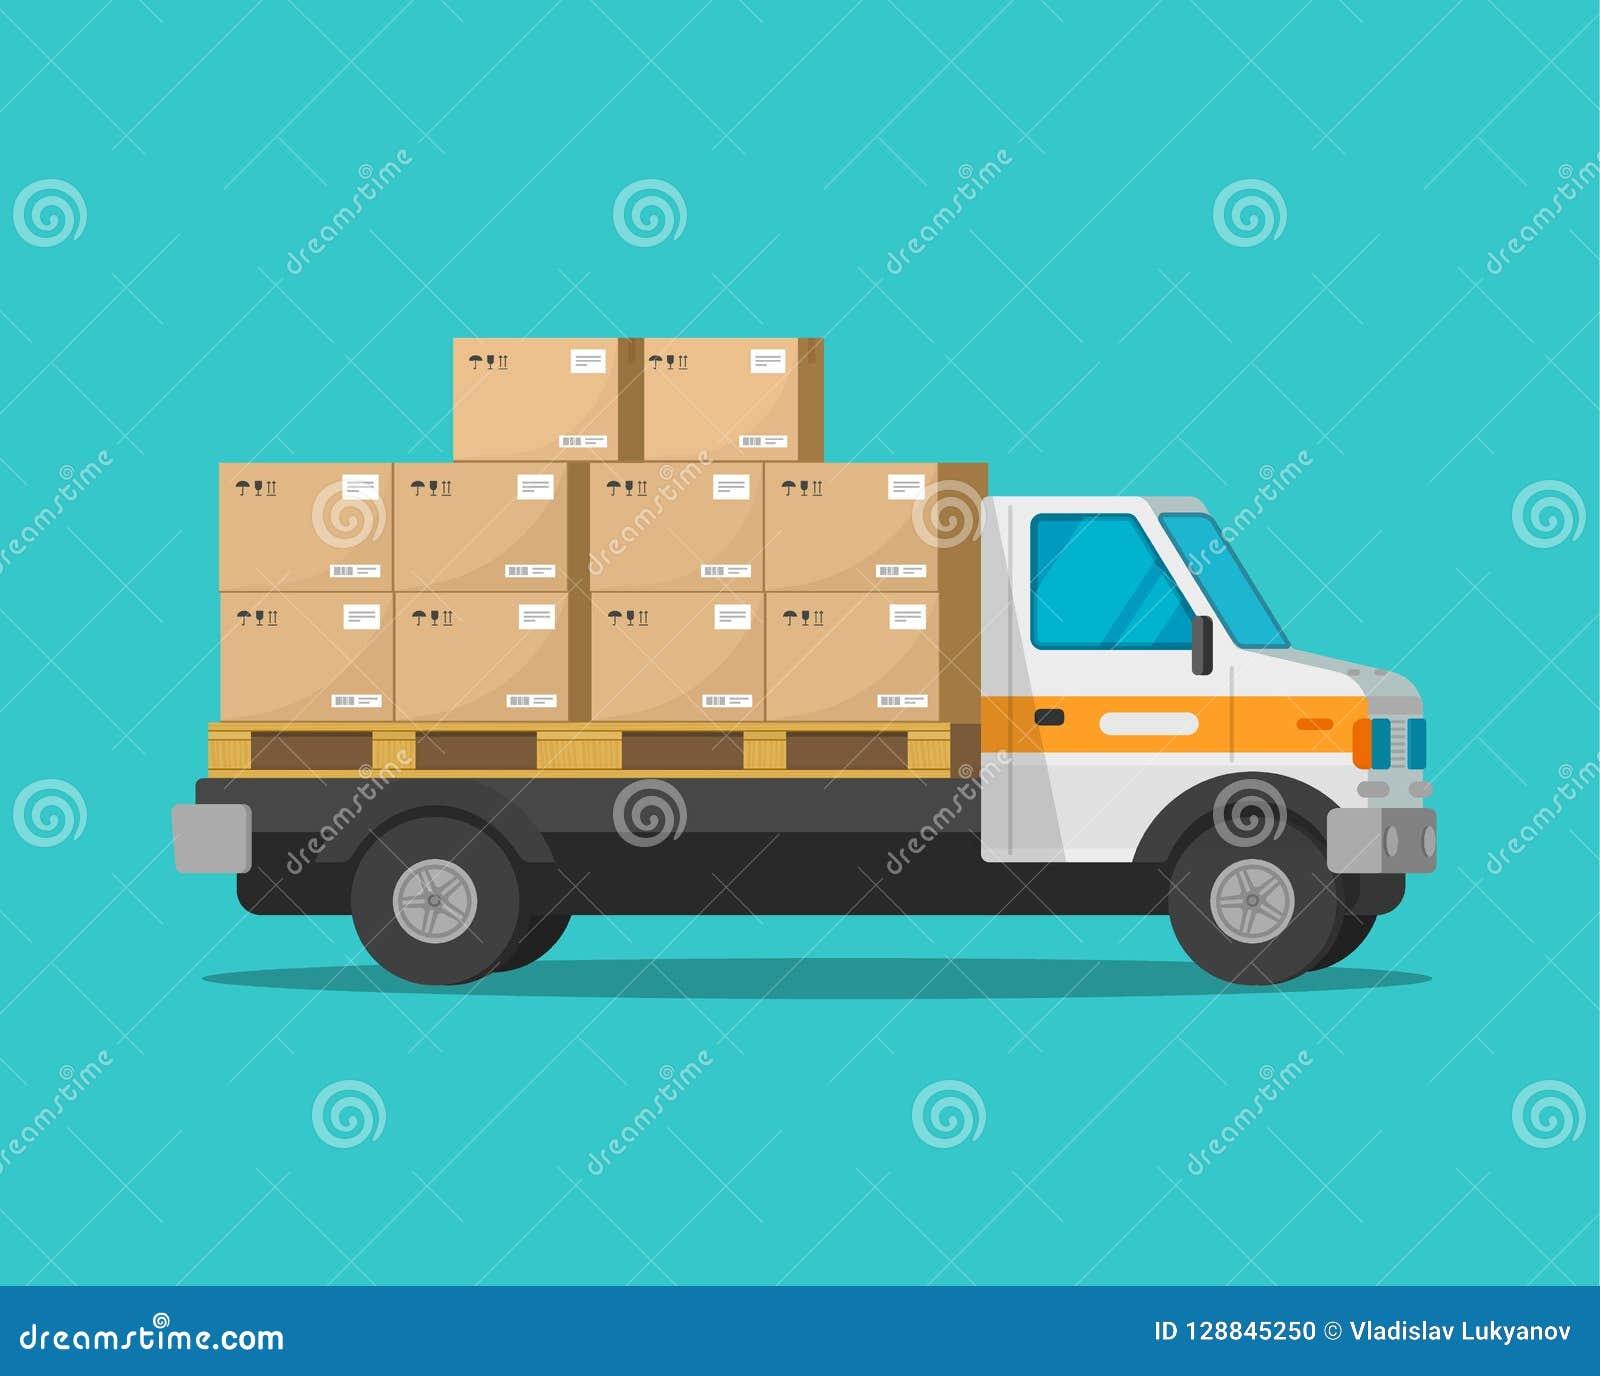 Lieferwagen mit Paketfracht packt Vektorillustration, flachen Karikaturfrachtpackwagen oder Lastwagenautomobil mit Paketen ein